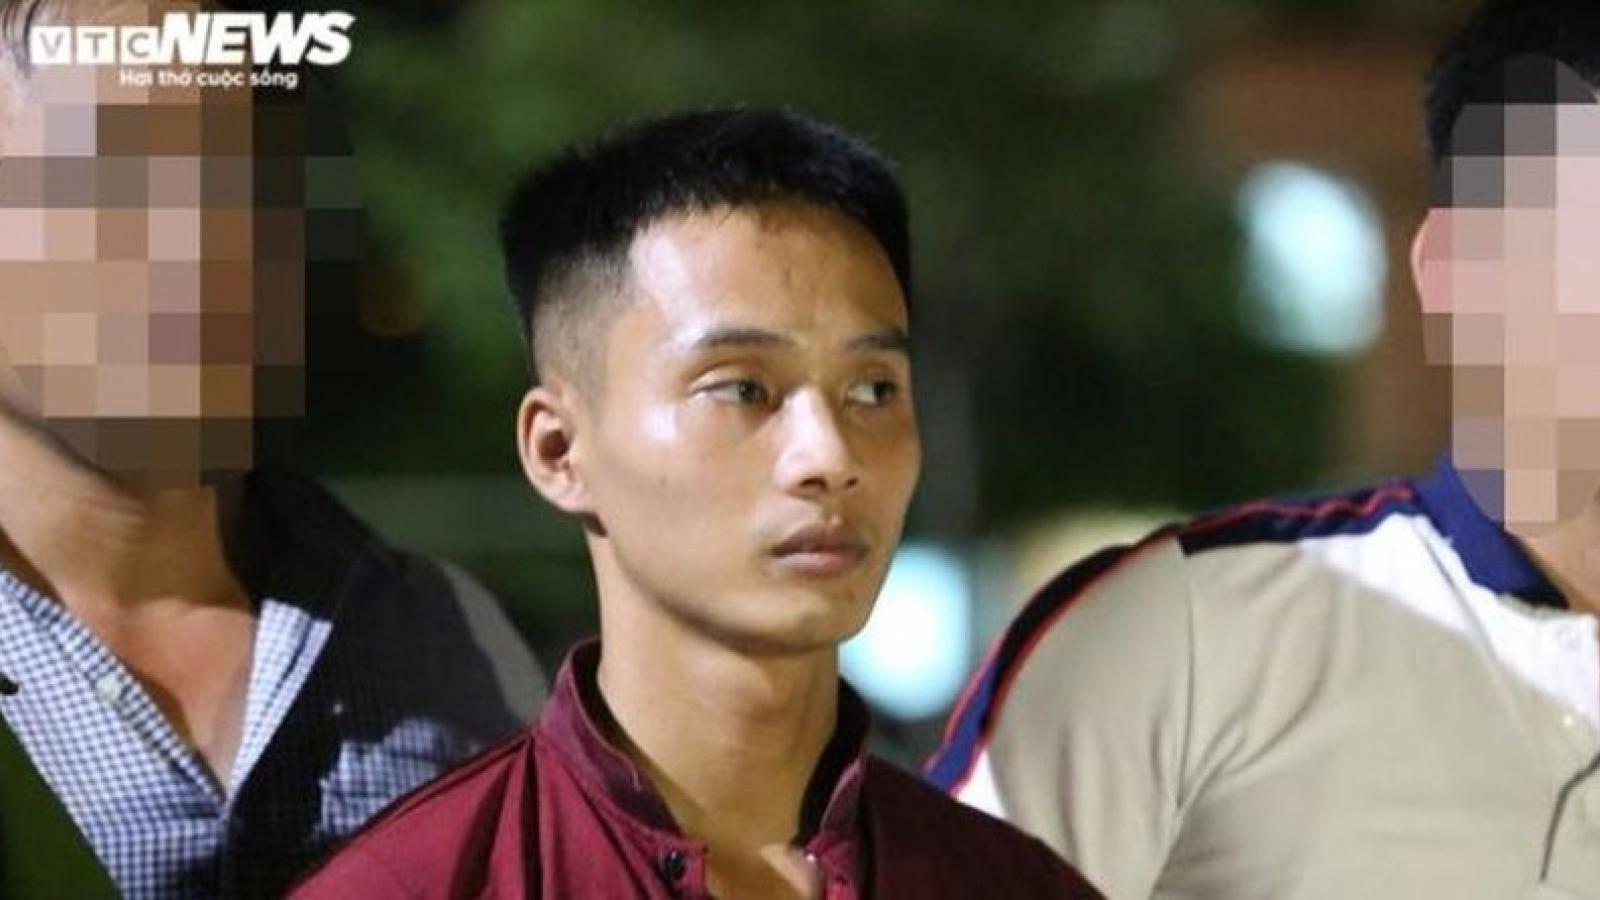 15 ngày trốn khỏi trại giam của tên tội phạm giết người Triệu Quân Sự